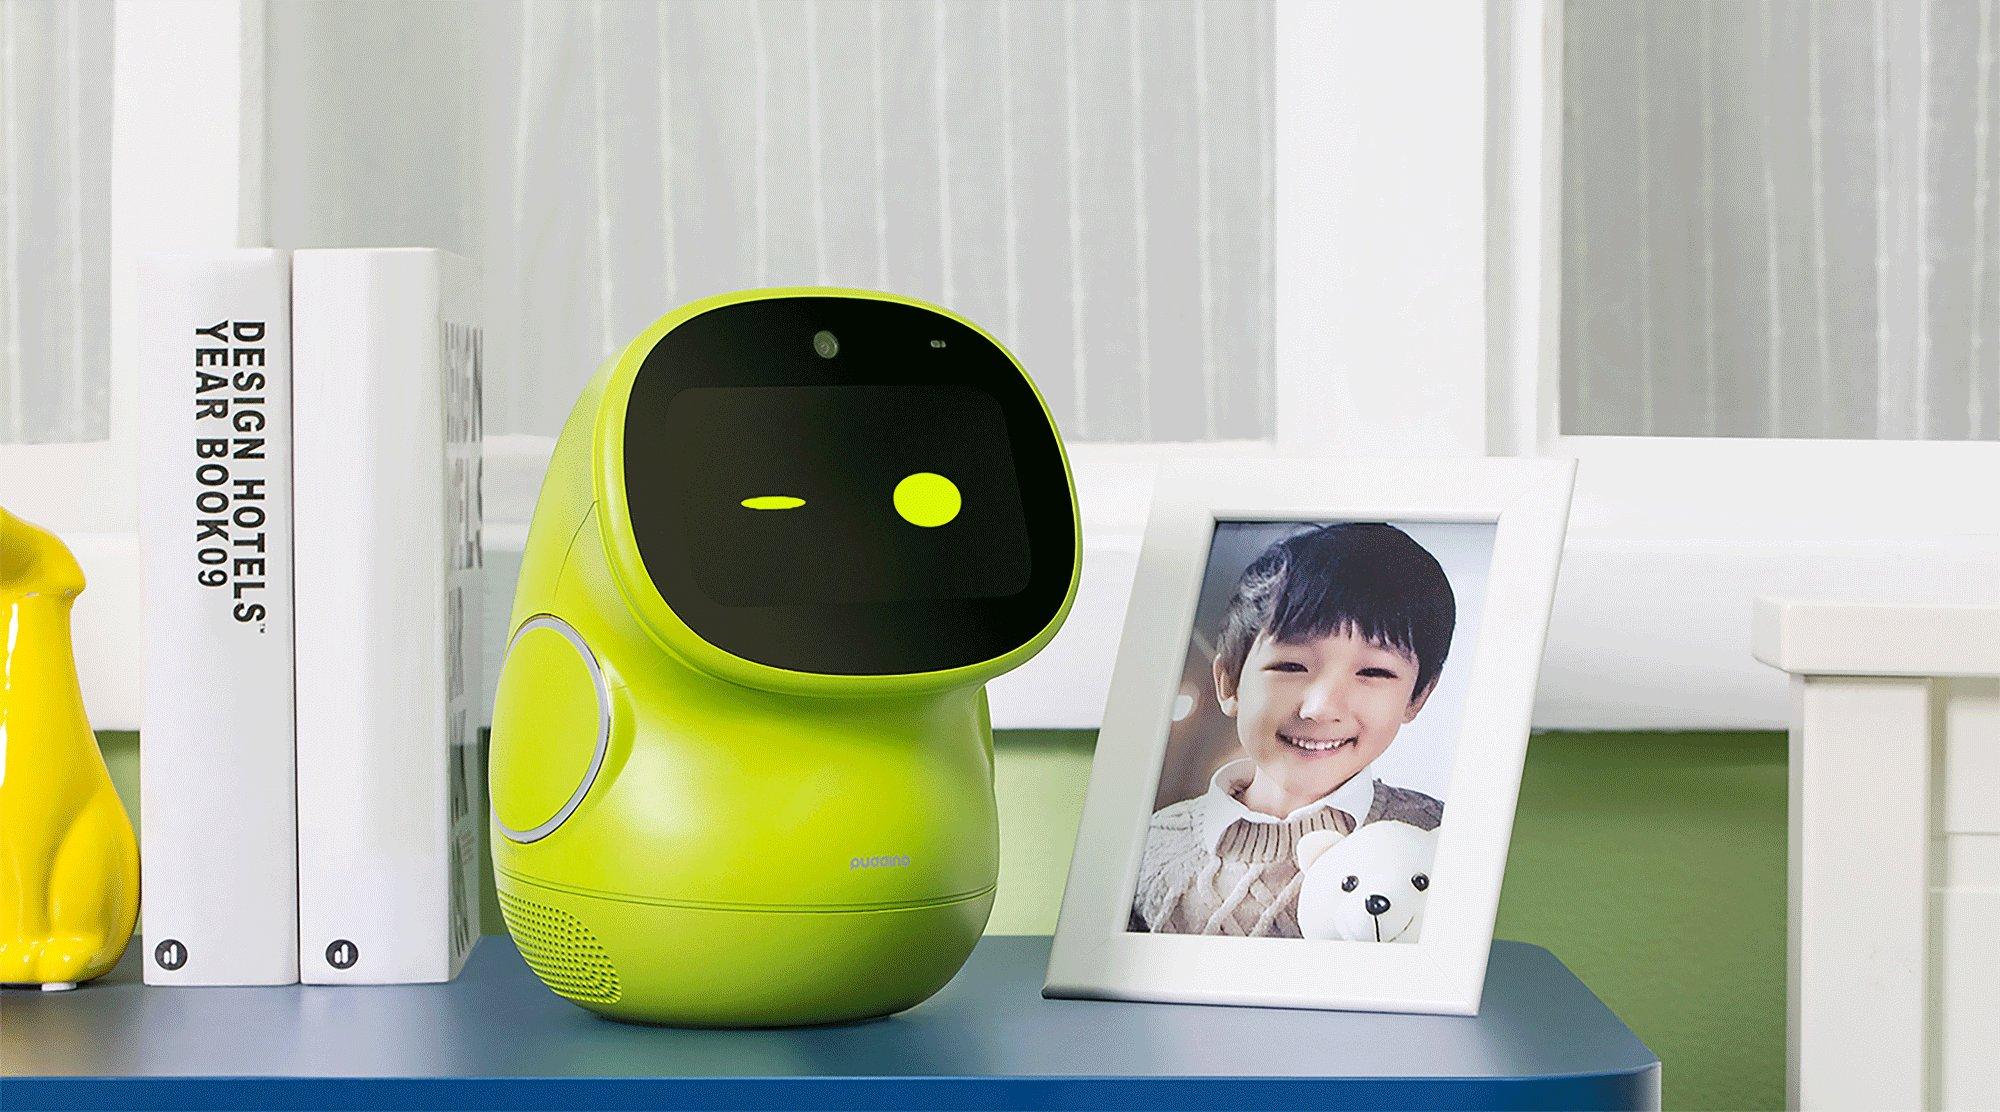 人工智能+早教更有趣 布丁智能机器人带孩子认识世界